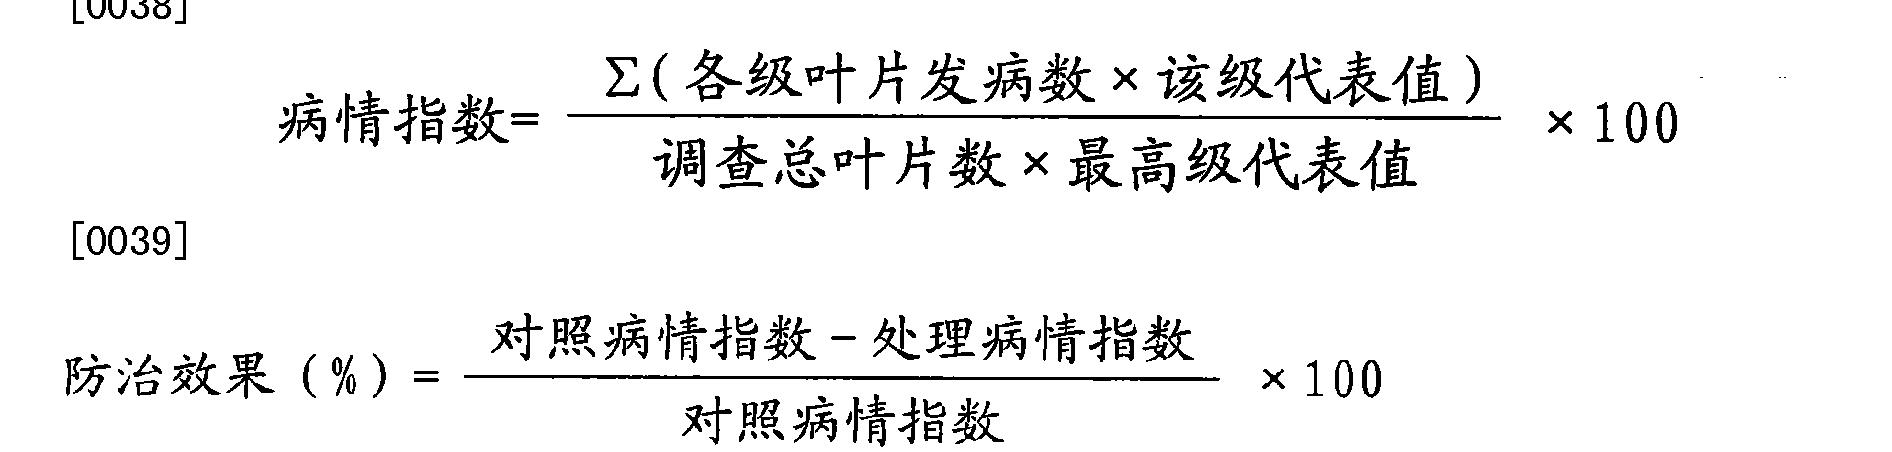 Figure CN101755755BD00061